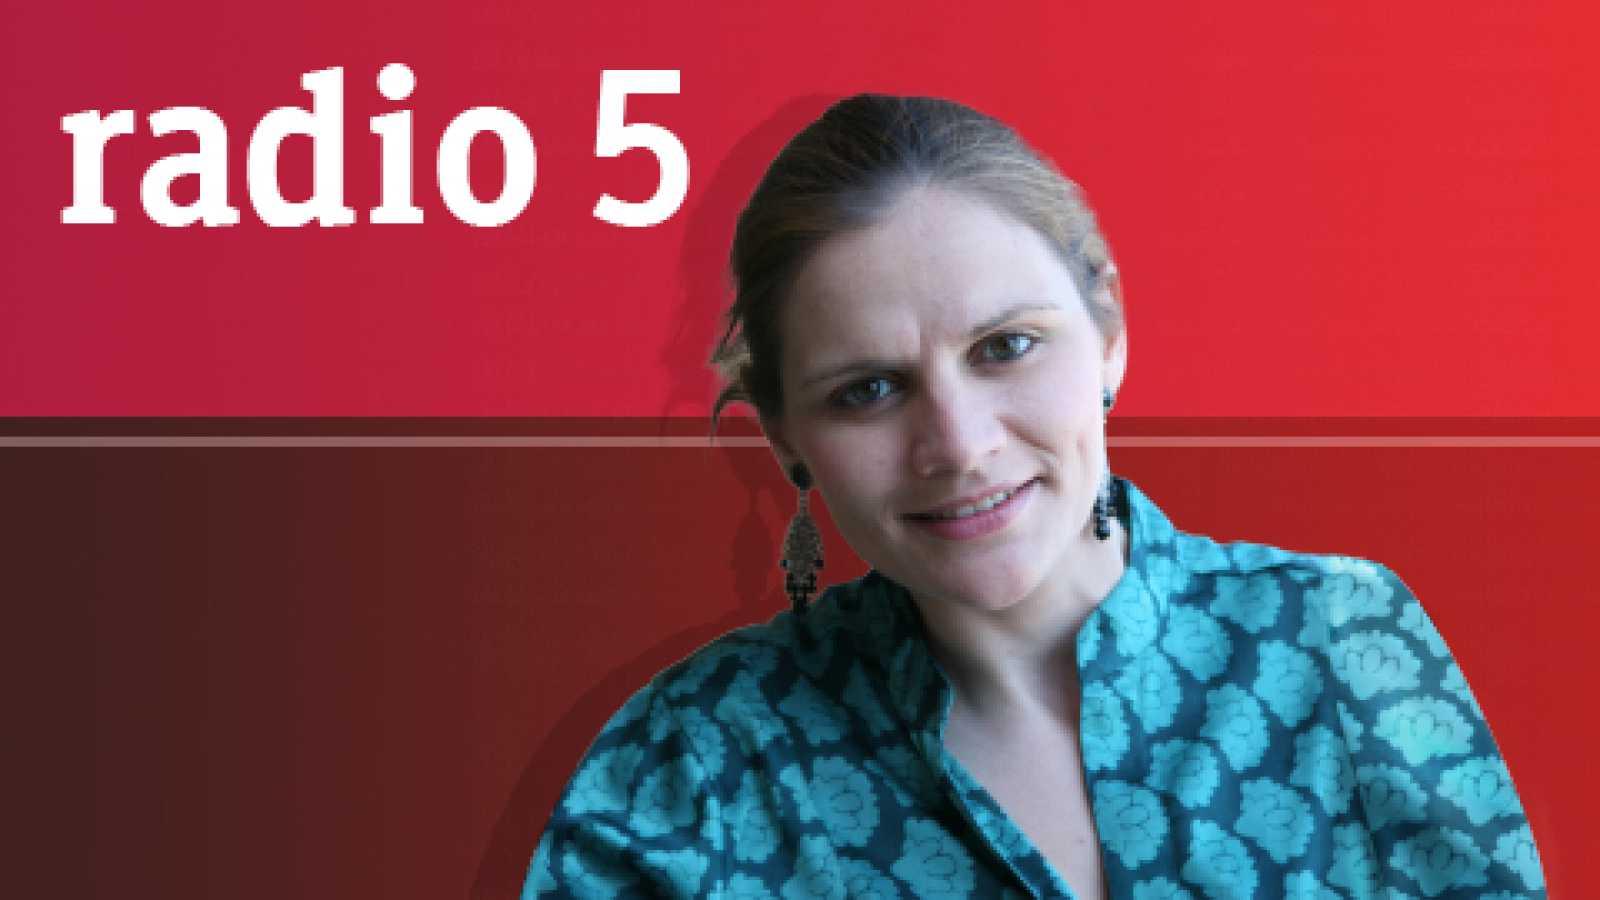 Diccionario económico - Competencia monopolística - 02/06/19 - escuchar ahora